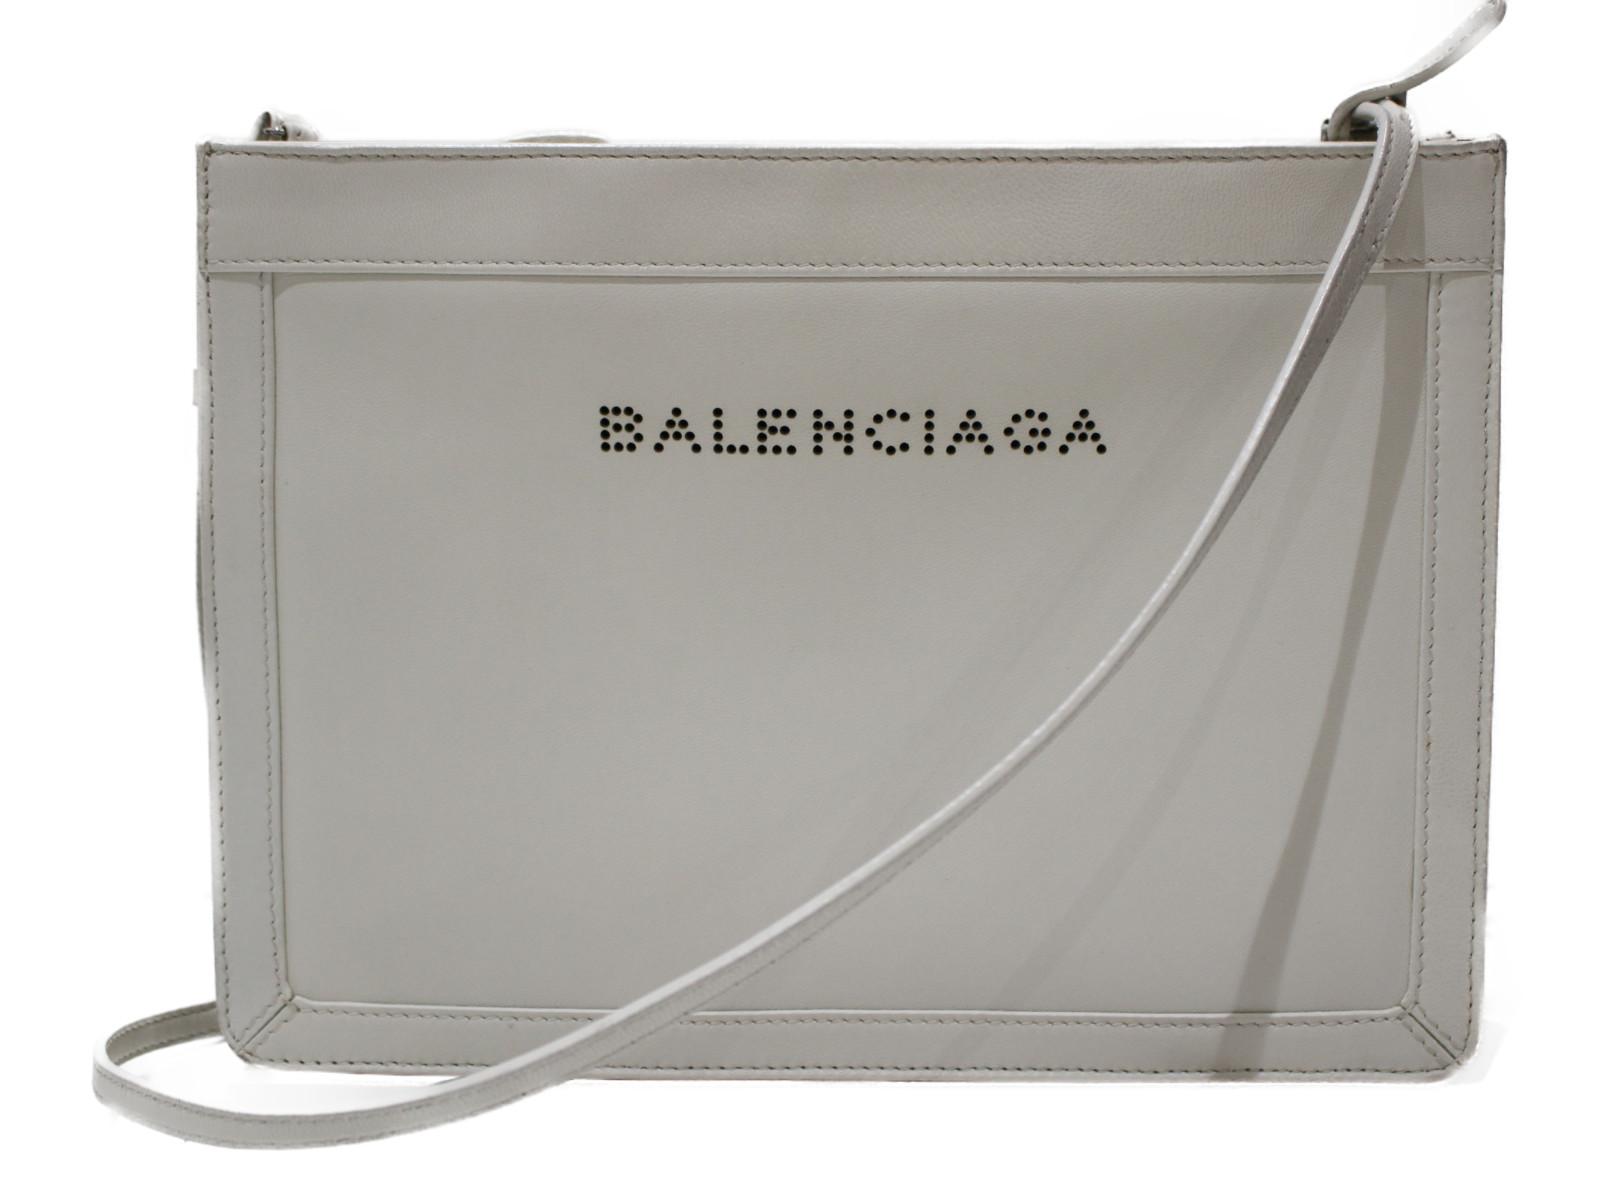 【布袋あり】BALENCIAGA レディース ギフト 【中古】 レザー シンプル 339937 ショルダーバッグ プレゼント包装可 ホワイト